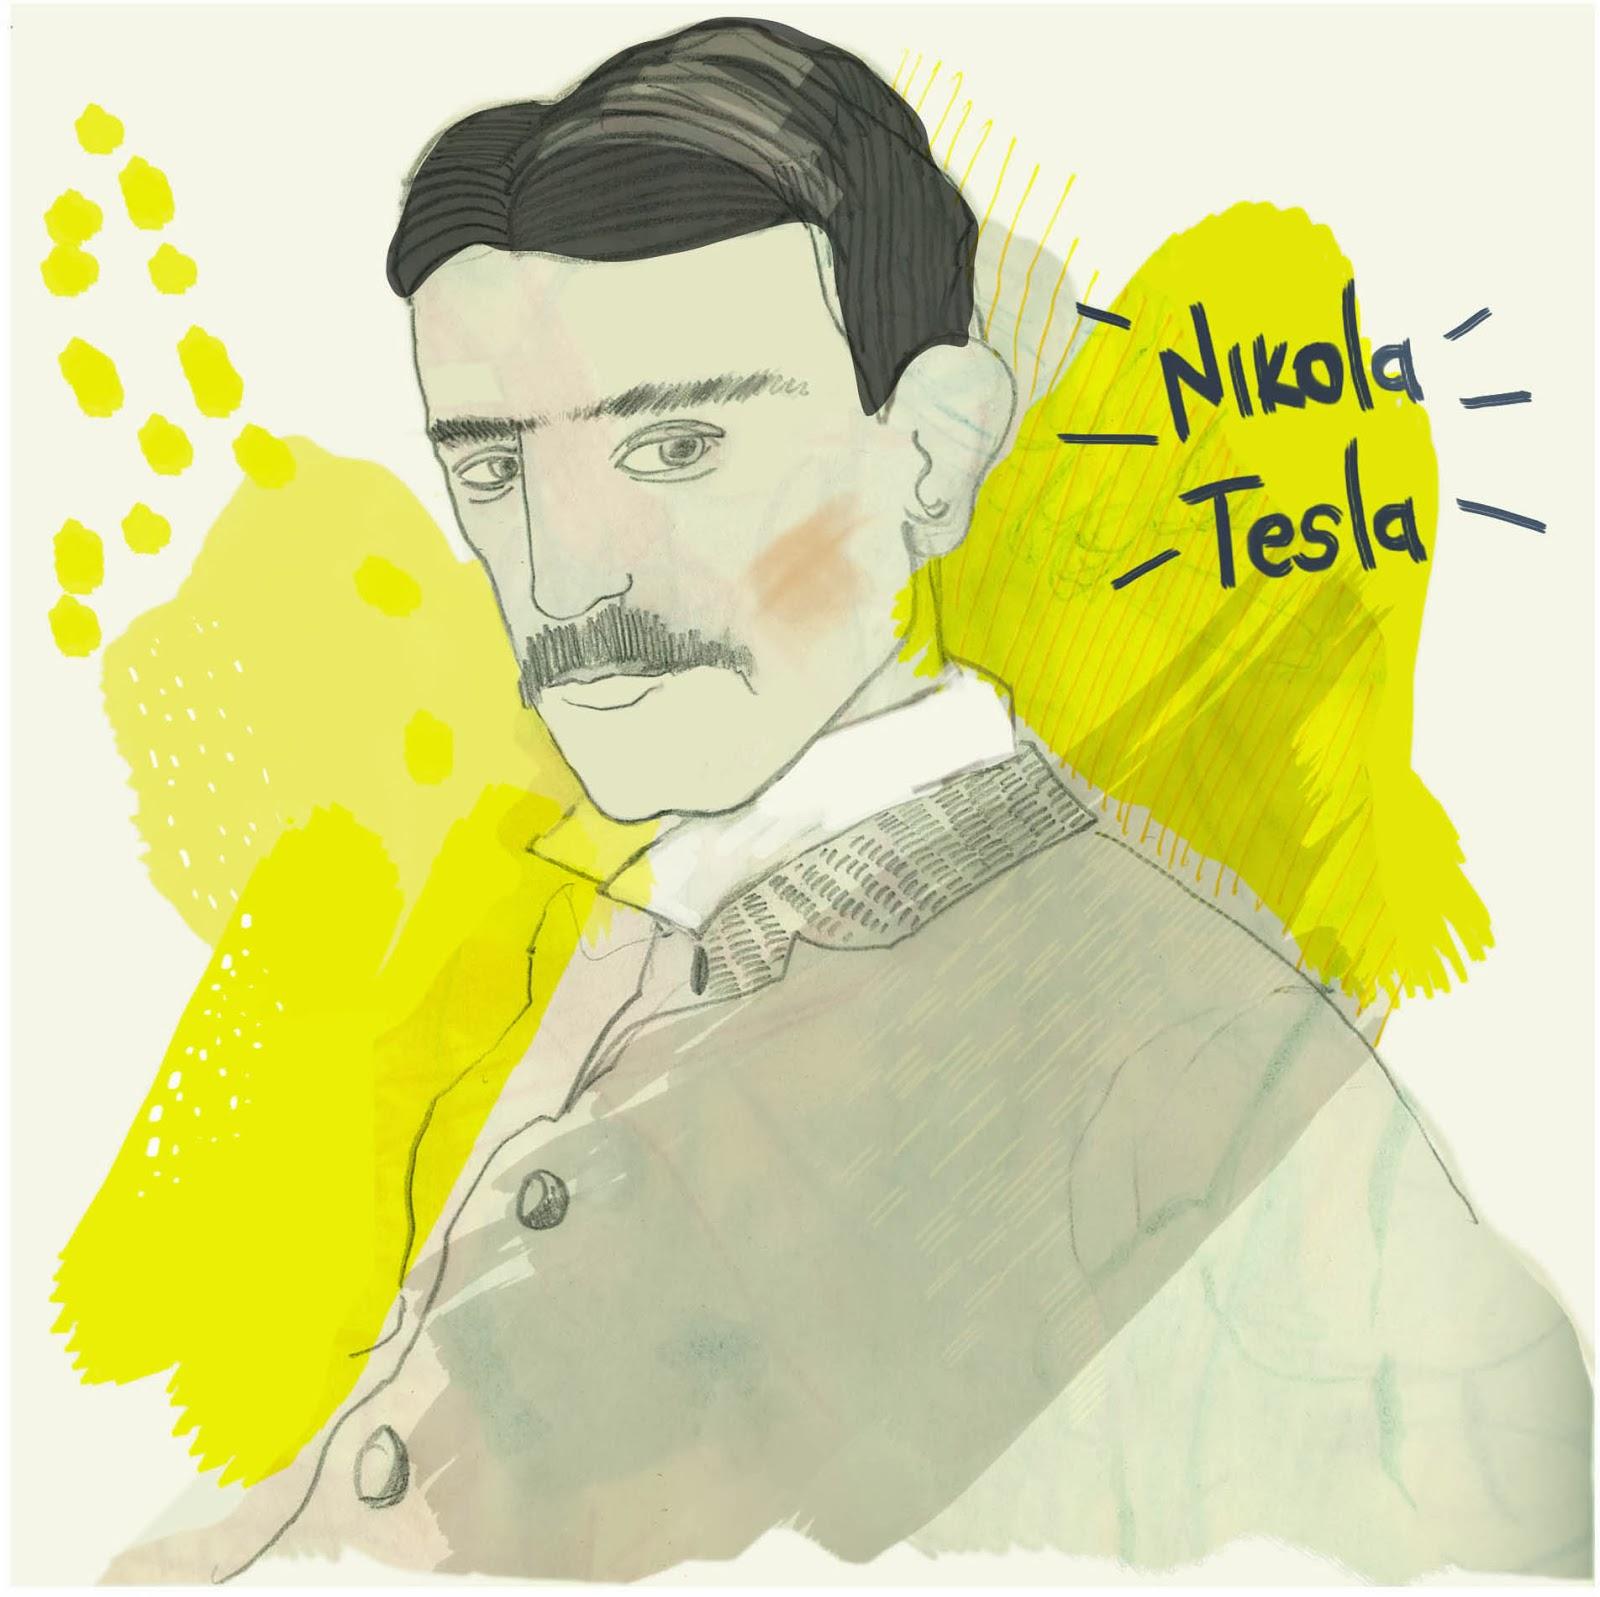 Ilustración de Nikola Tesla